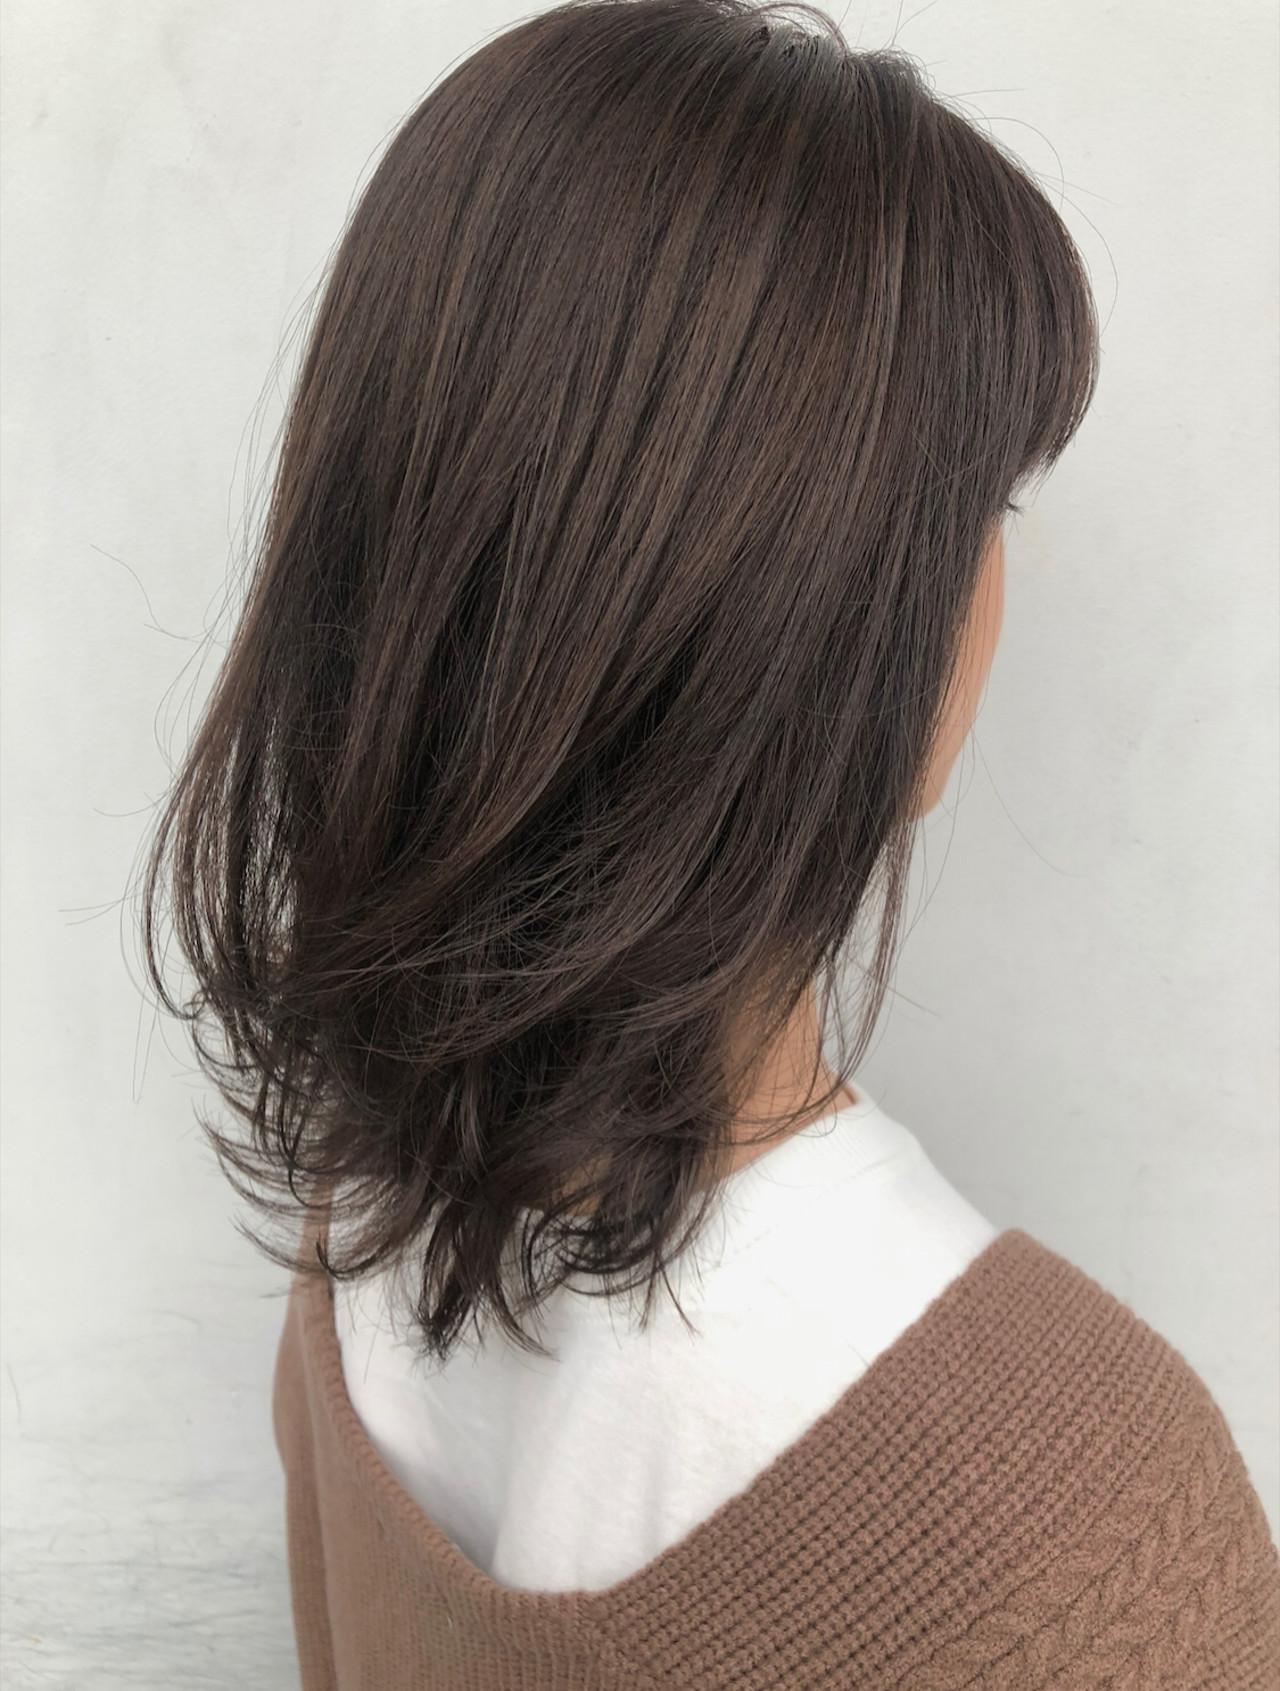 ラベンダーアッシュ ミディアム ベージュ ブラウンベージュ ヘアスタイルや髪型の写真・画像